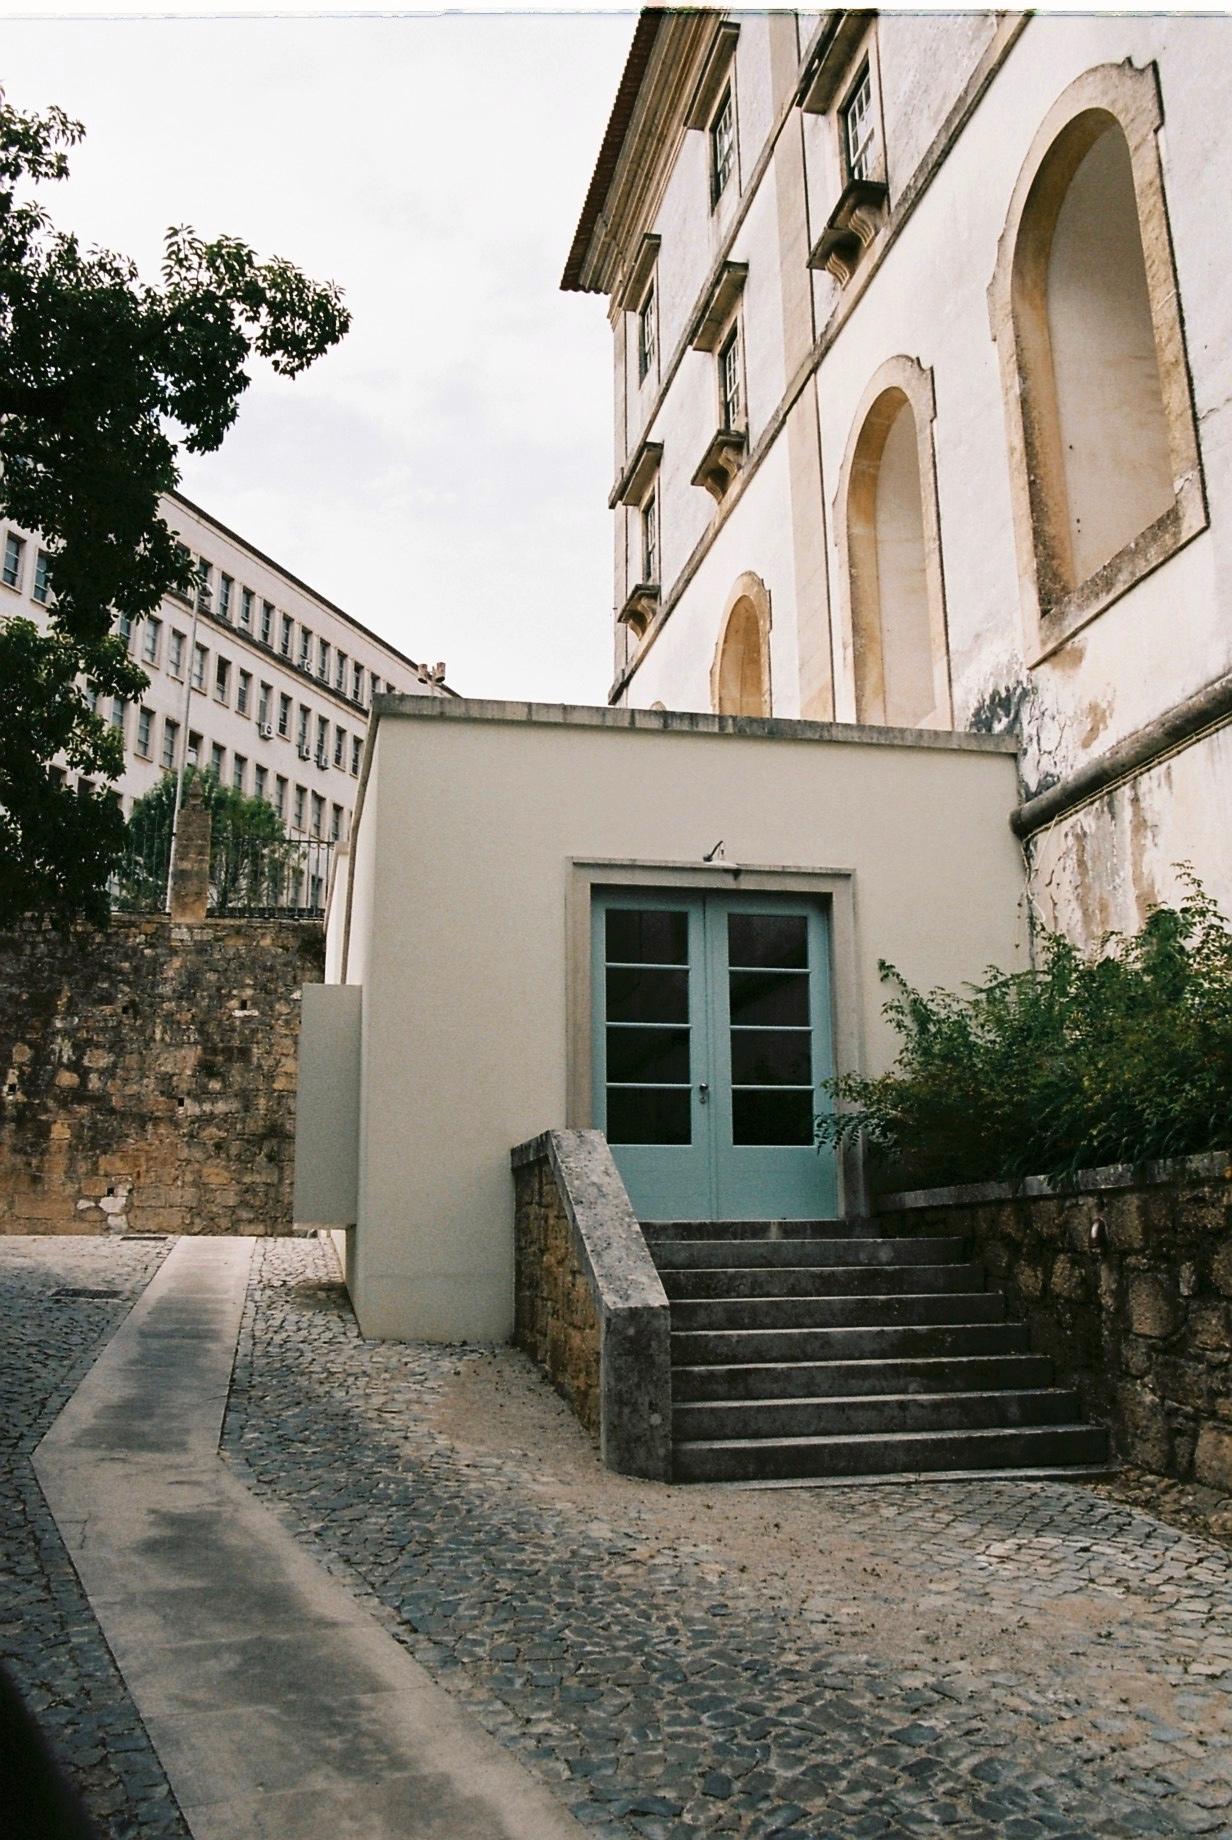 Coimbra 08-2019 - 38 of 62